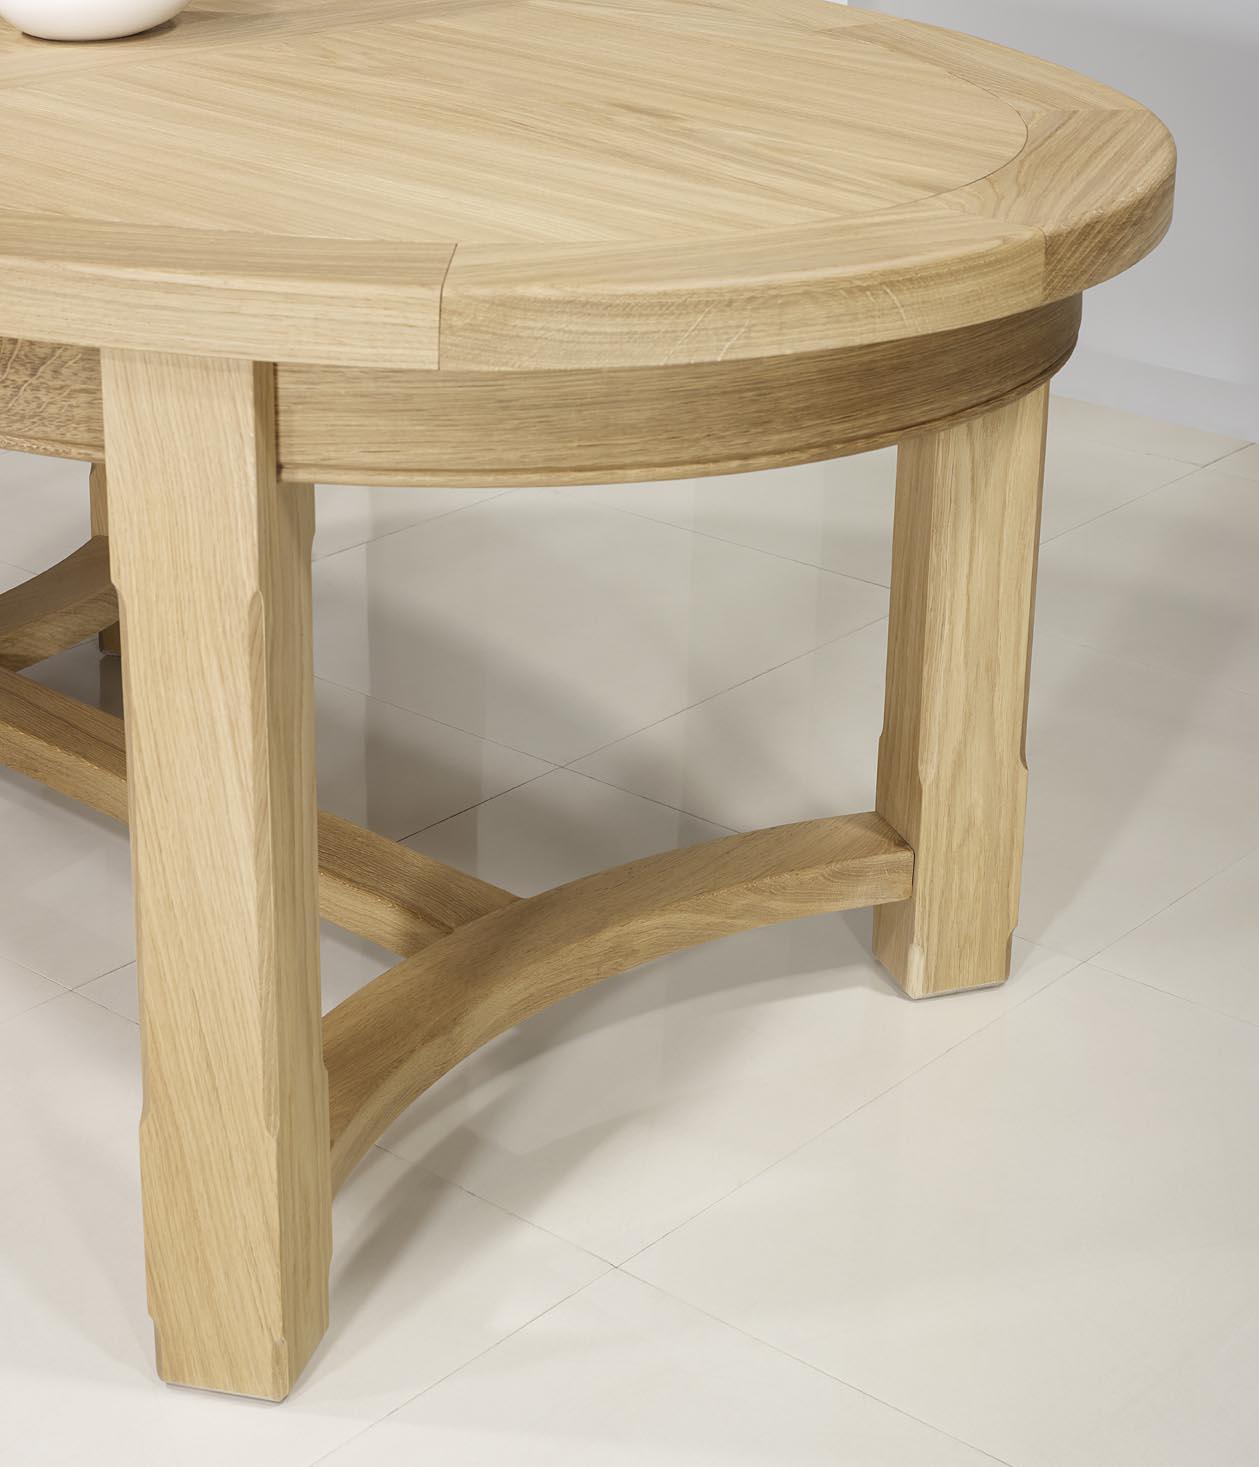 Table de ferme ovale tom en ch ne massif de style for Table ovale en bois massif